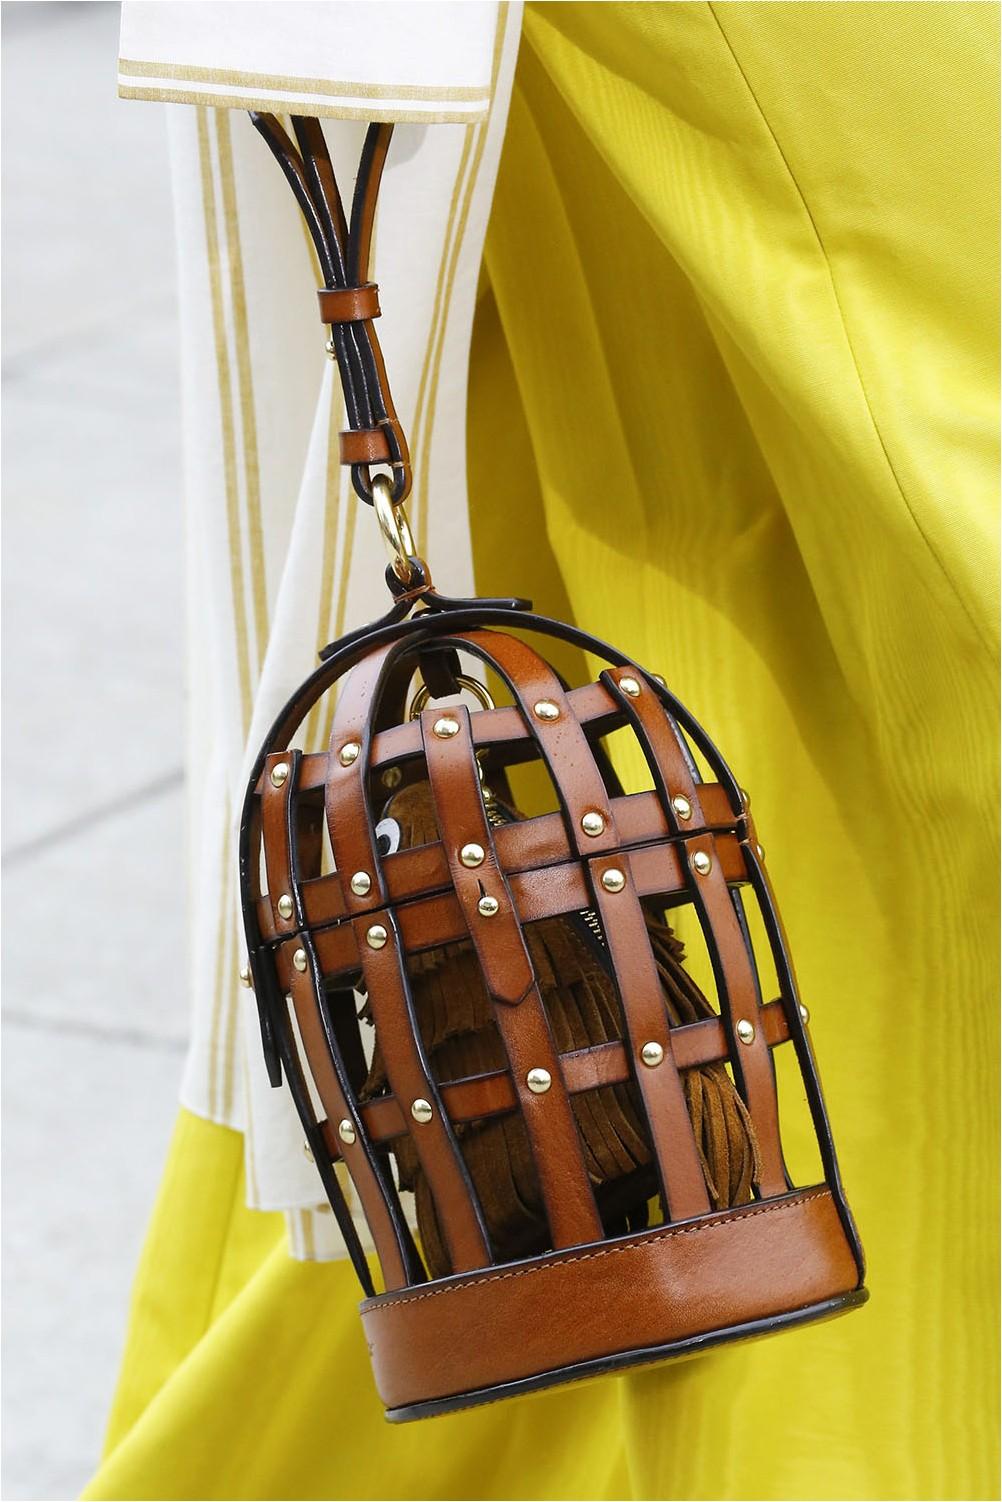 Oscar de la Renta Cage Bag